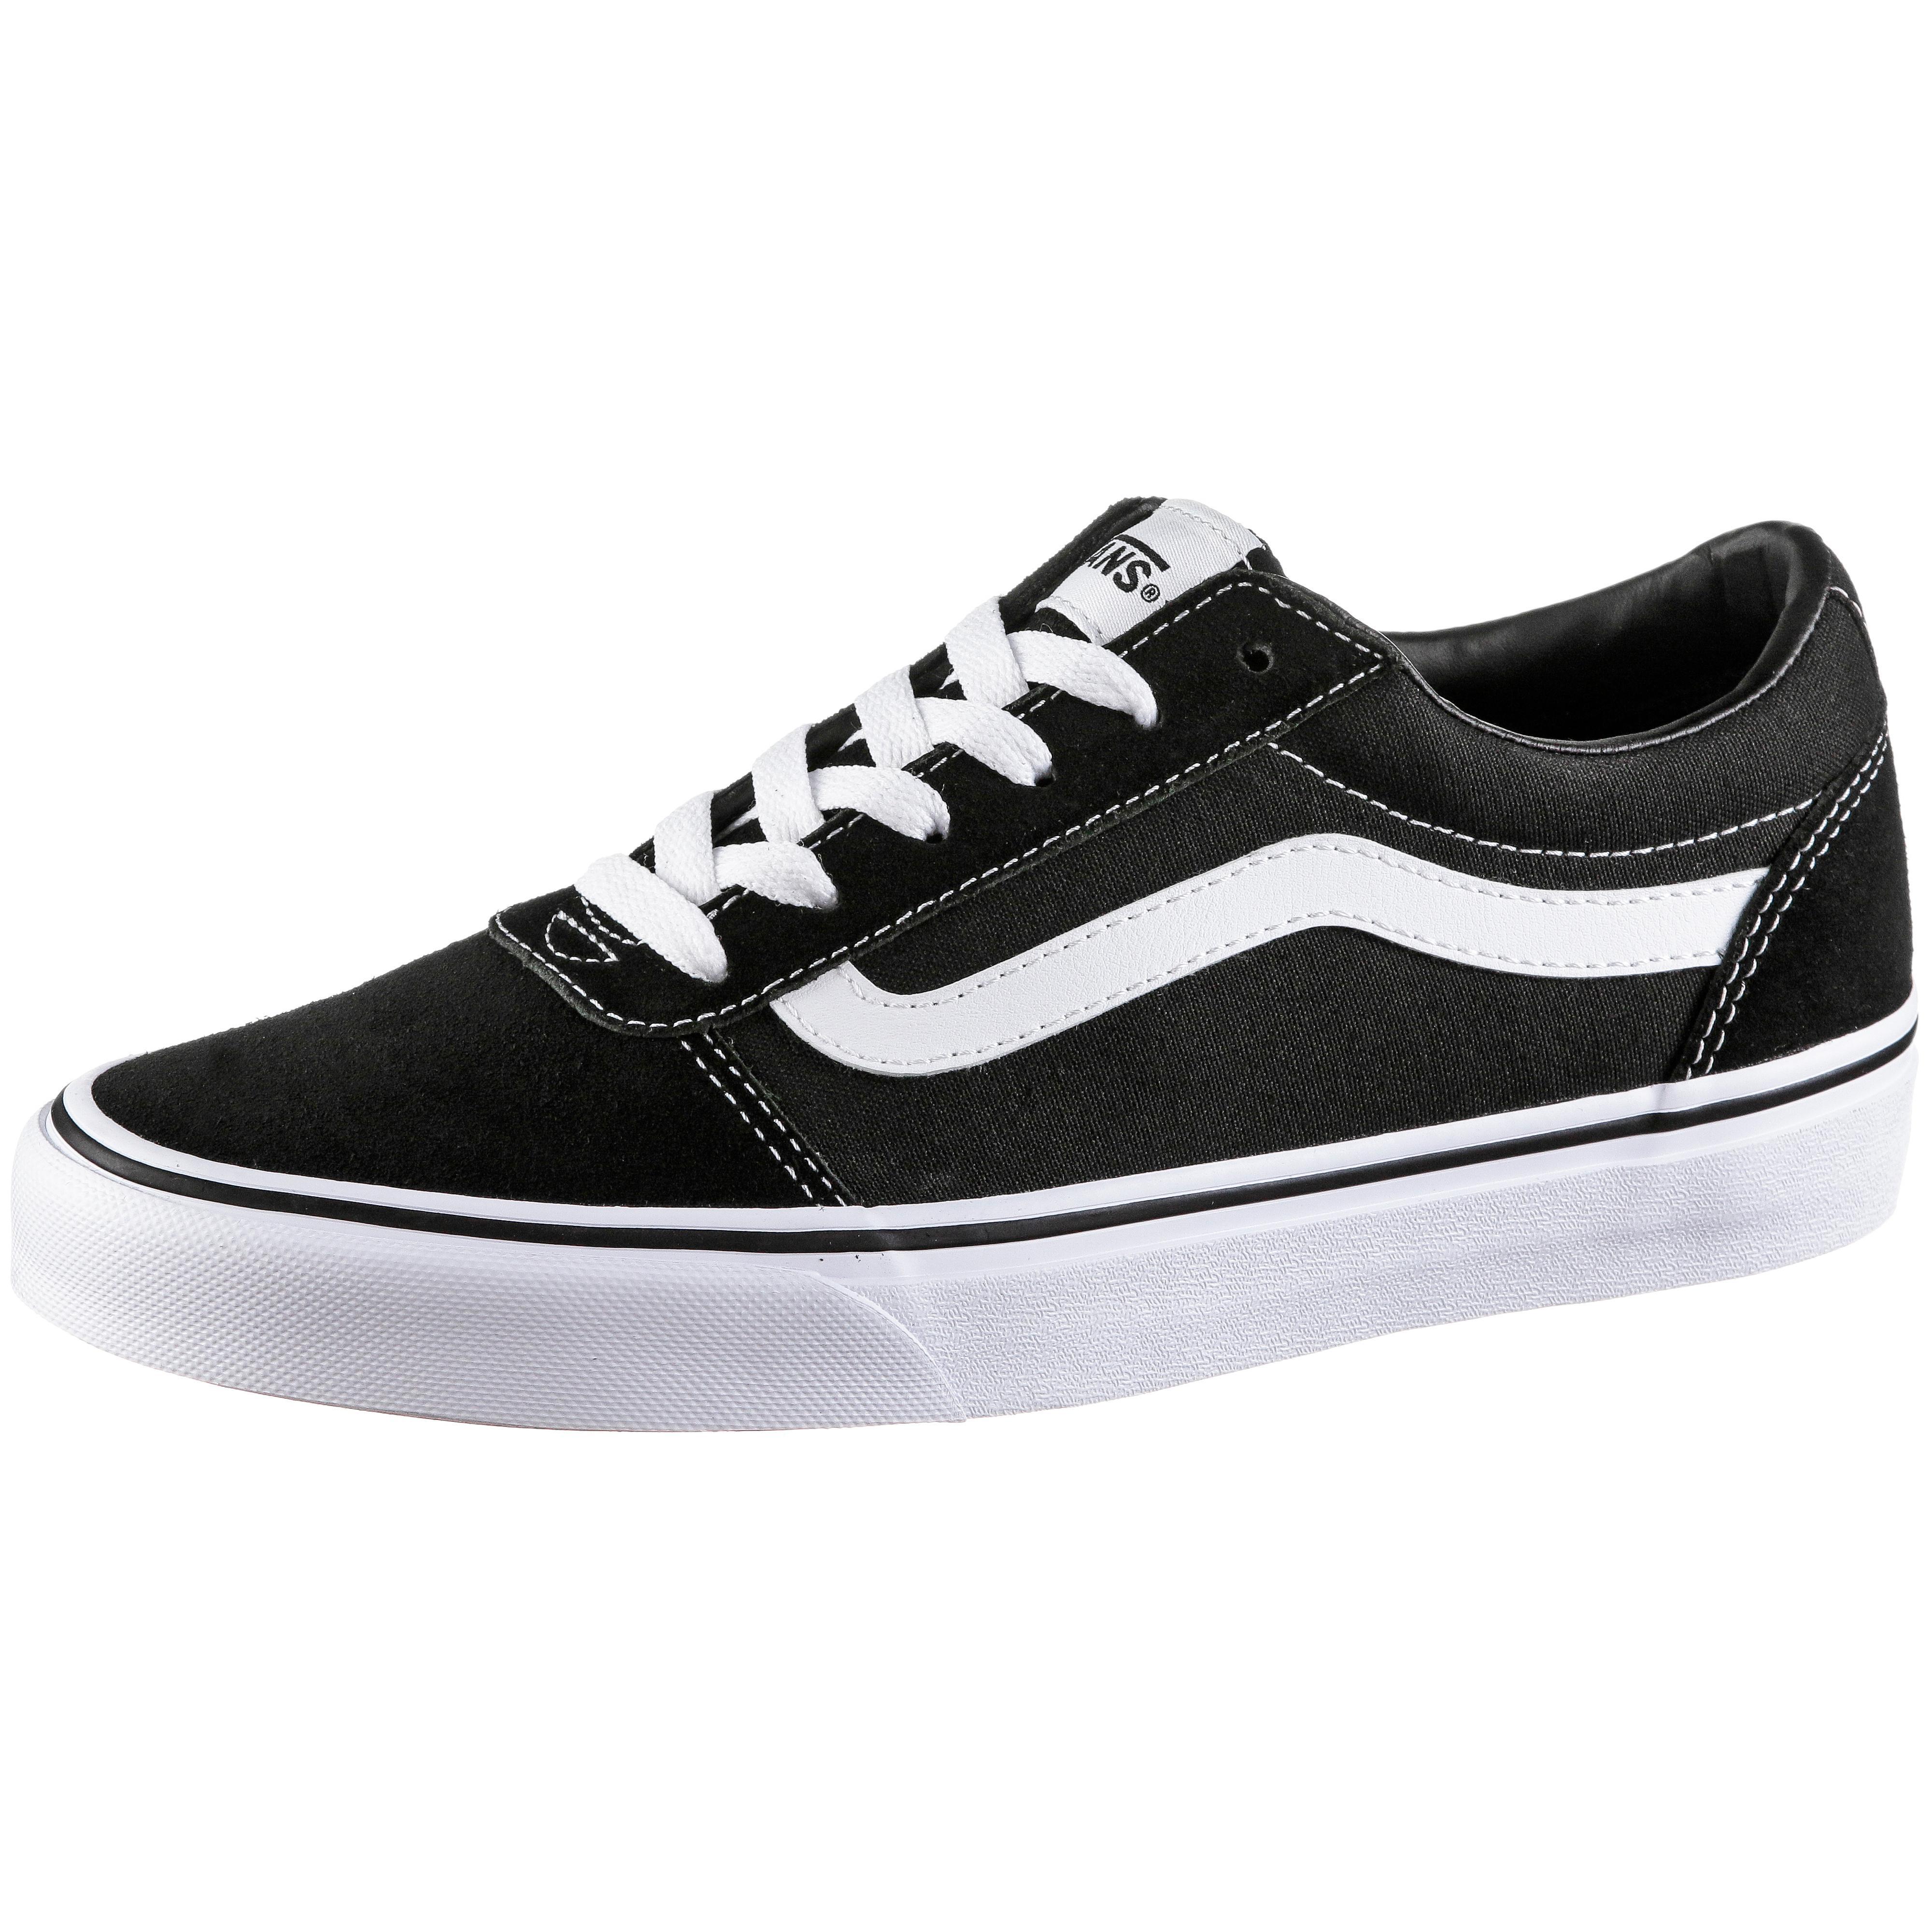 Vans Ward Turnschuhe Damen schwarz-Weiß im Online Shop von SportScheck kaufen Gute Qualität beliebte Schuhe